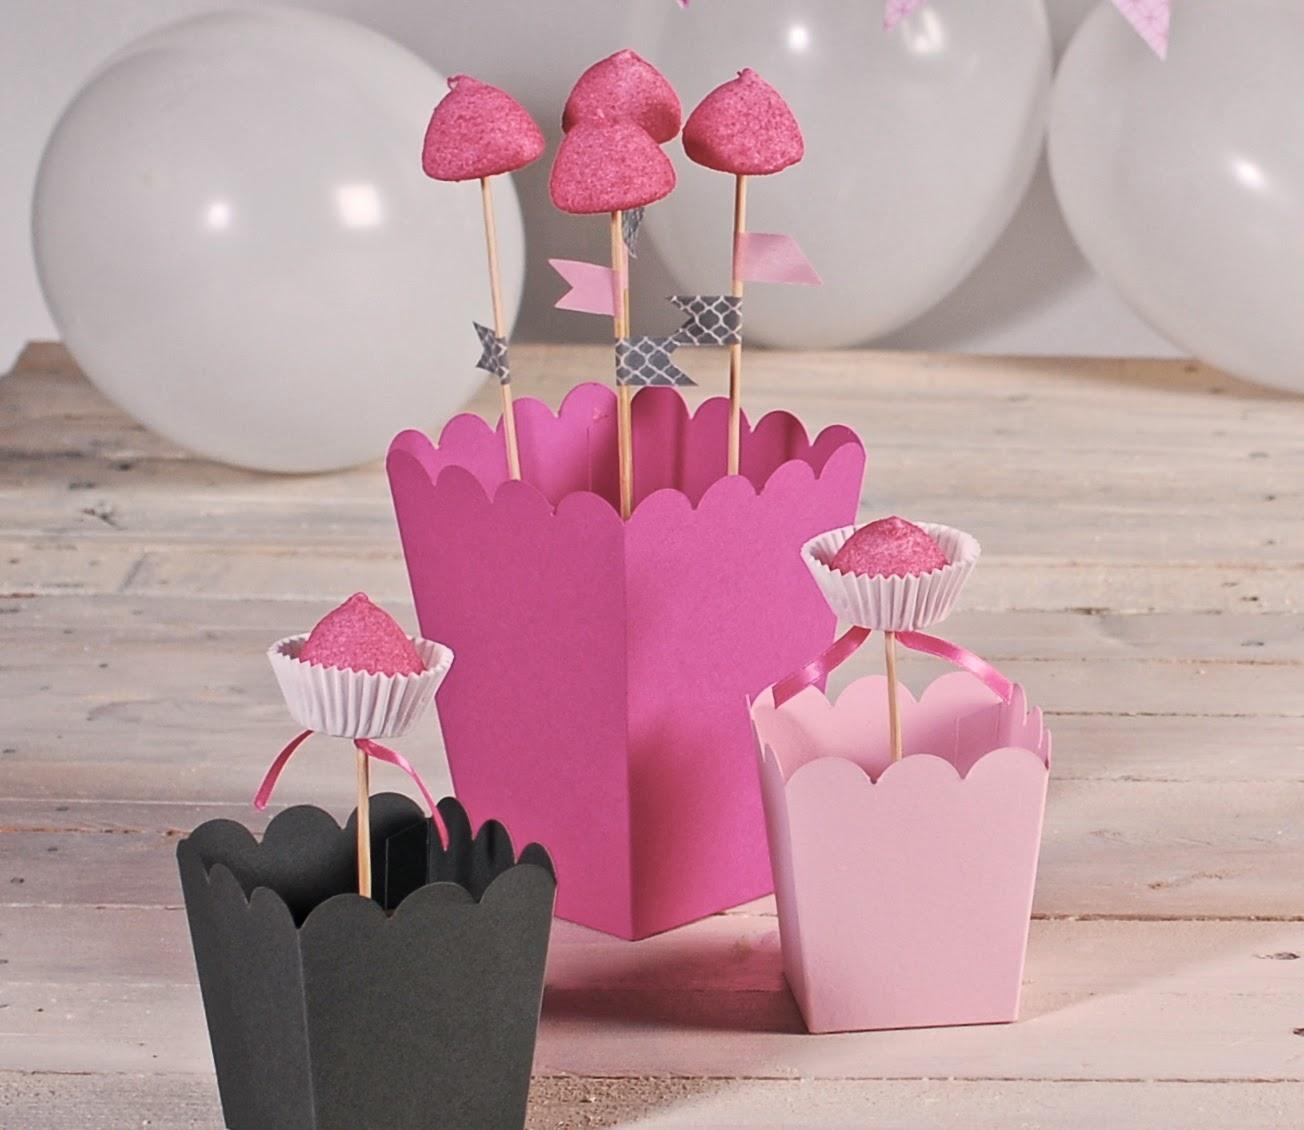 cajas para cake pops, cajas para fiestas, cajas para bodas, cajas de palomitas, postizos para cake pops